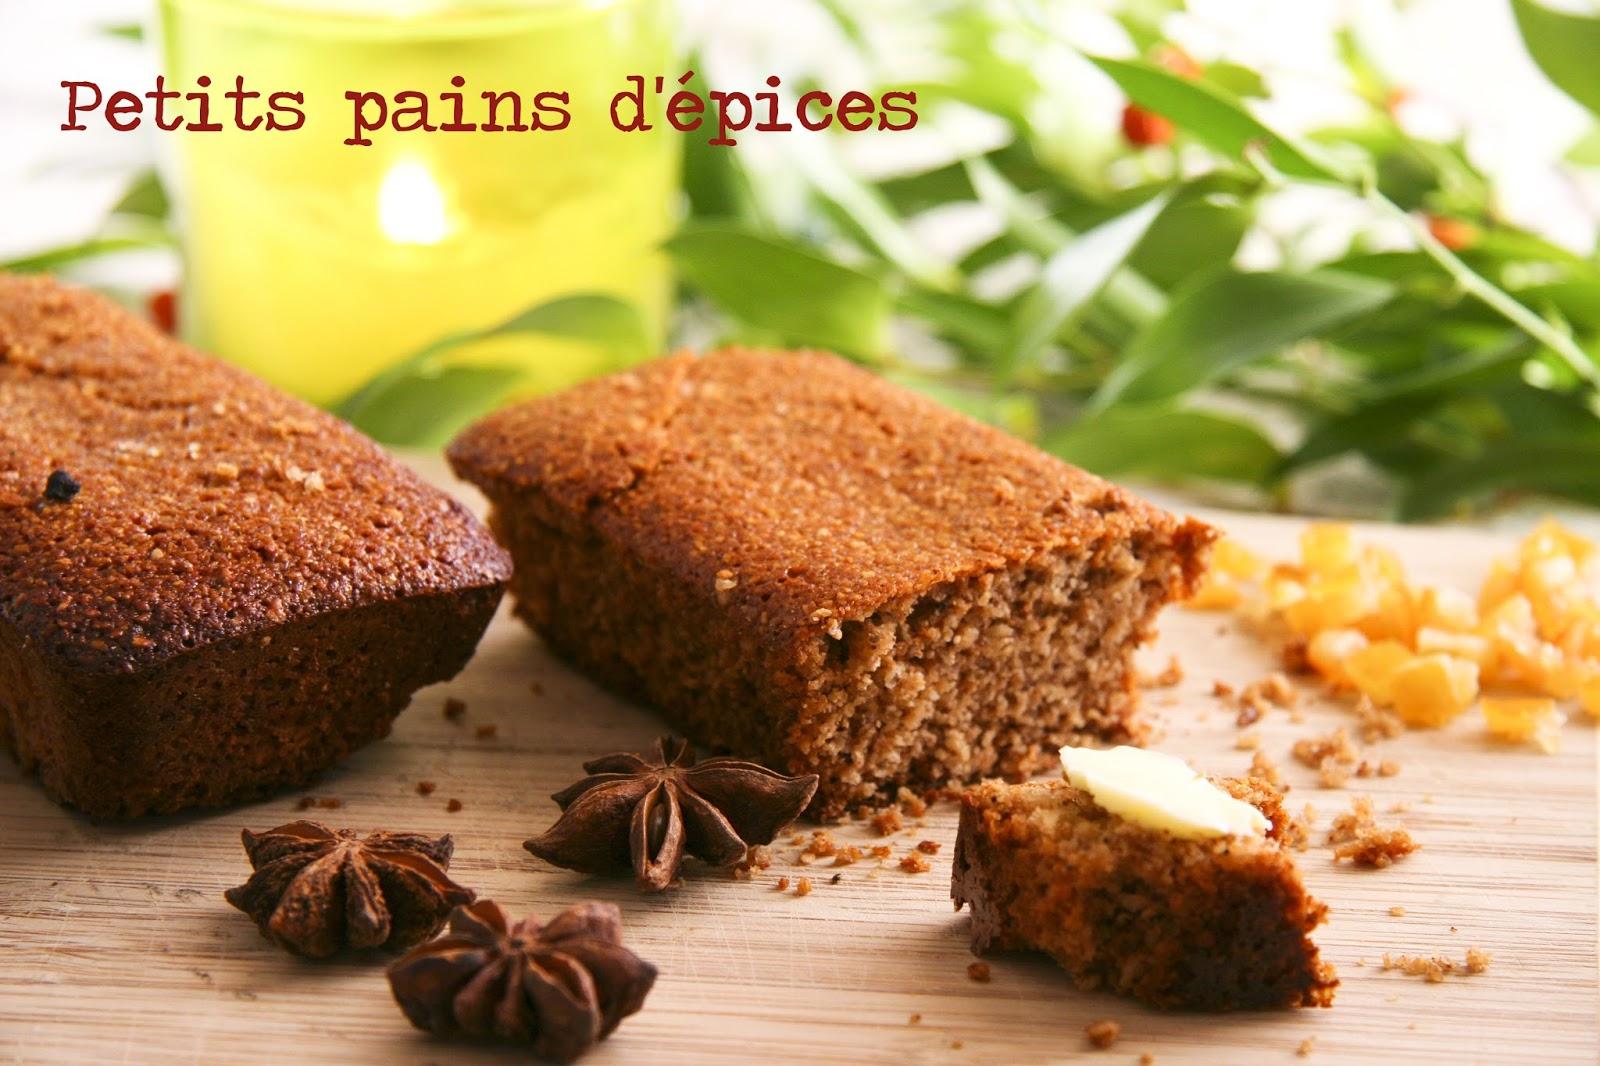 Petits pains d 39 pices - Pain d epice sans gluten ...